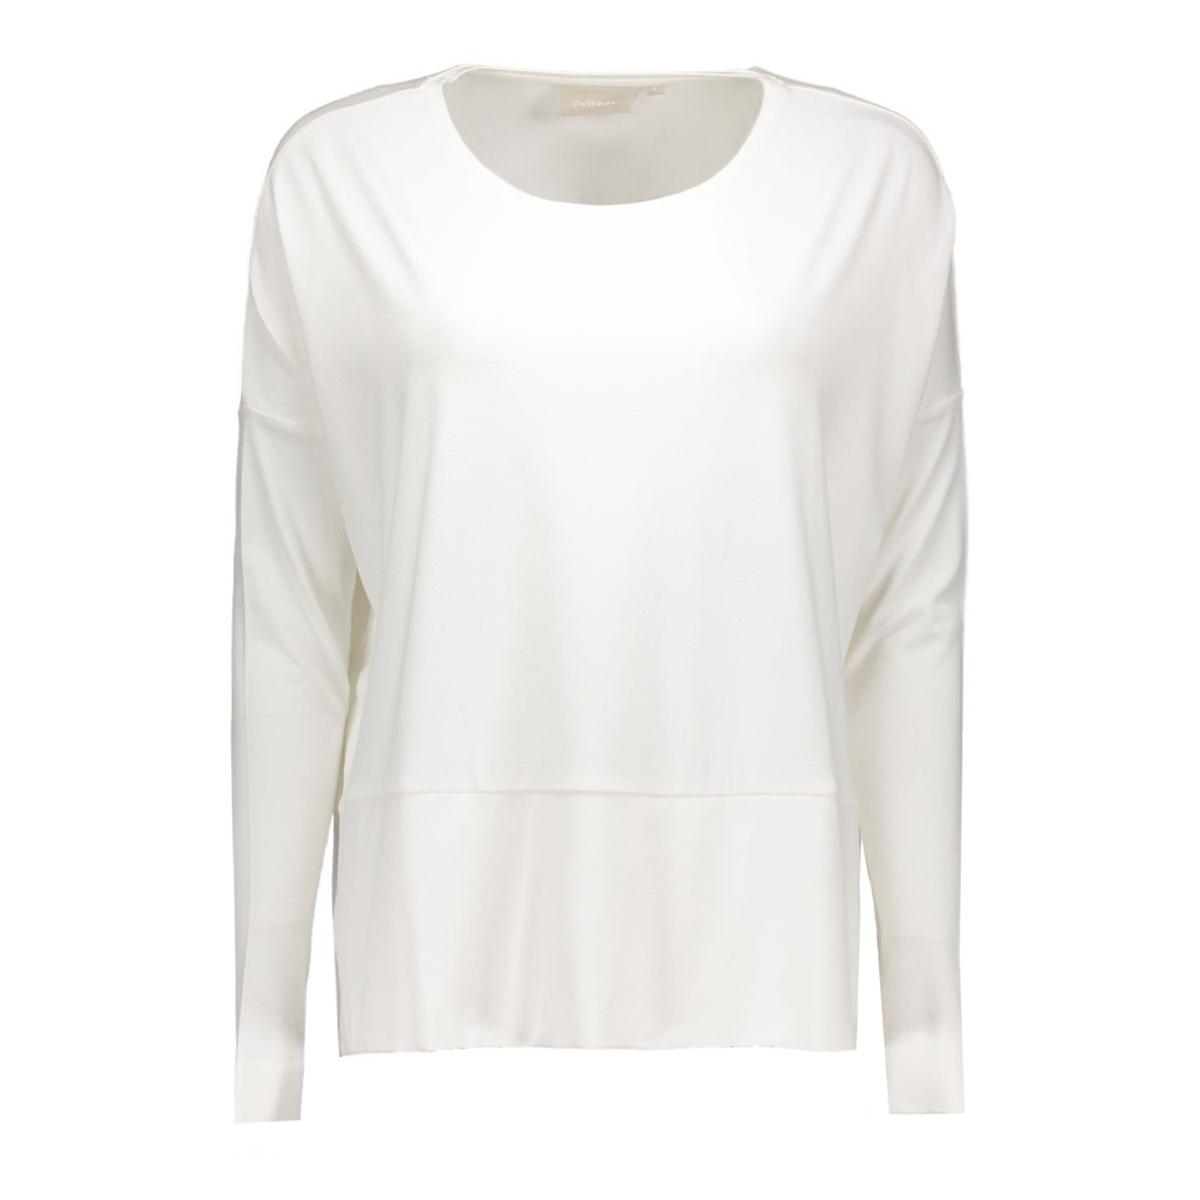 tika tshirt kntg 30101101 inwear t-shirt 10051 white smoke